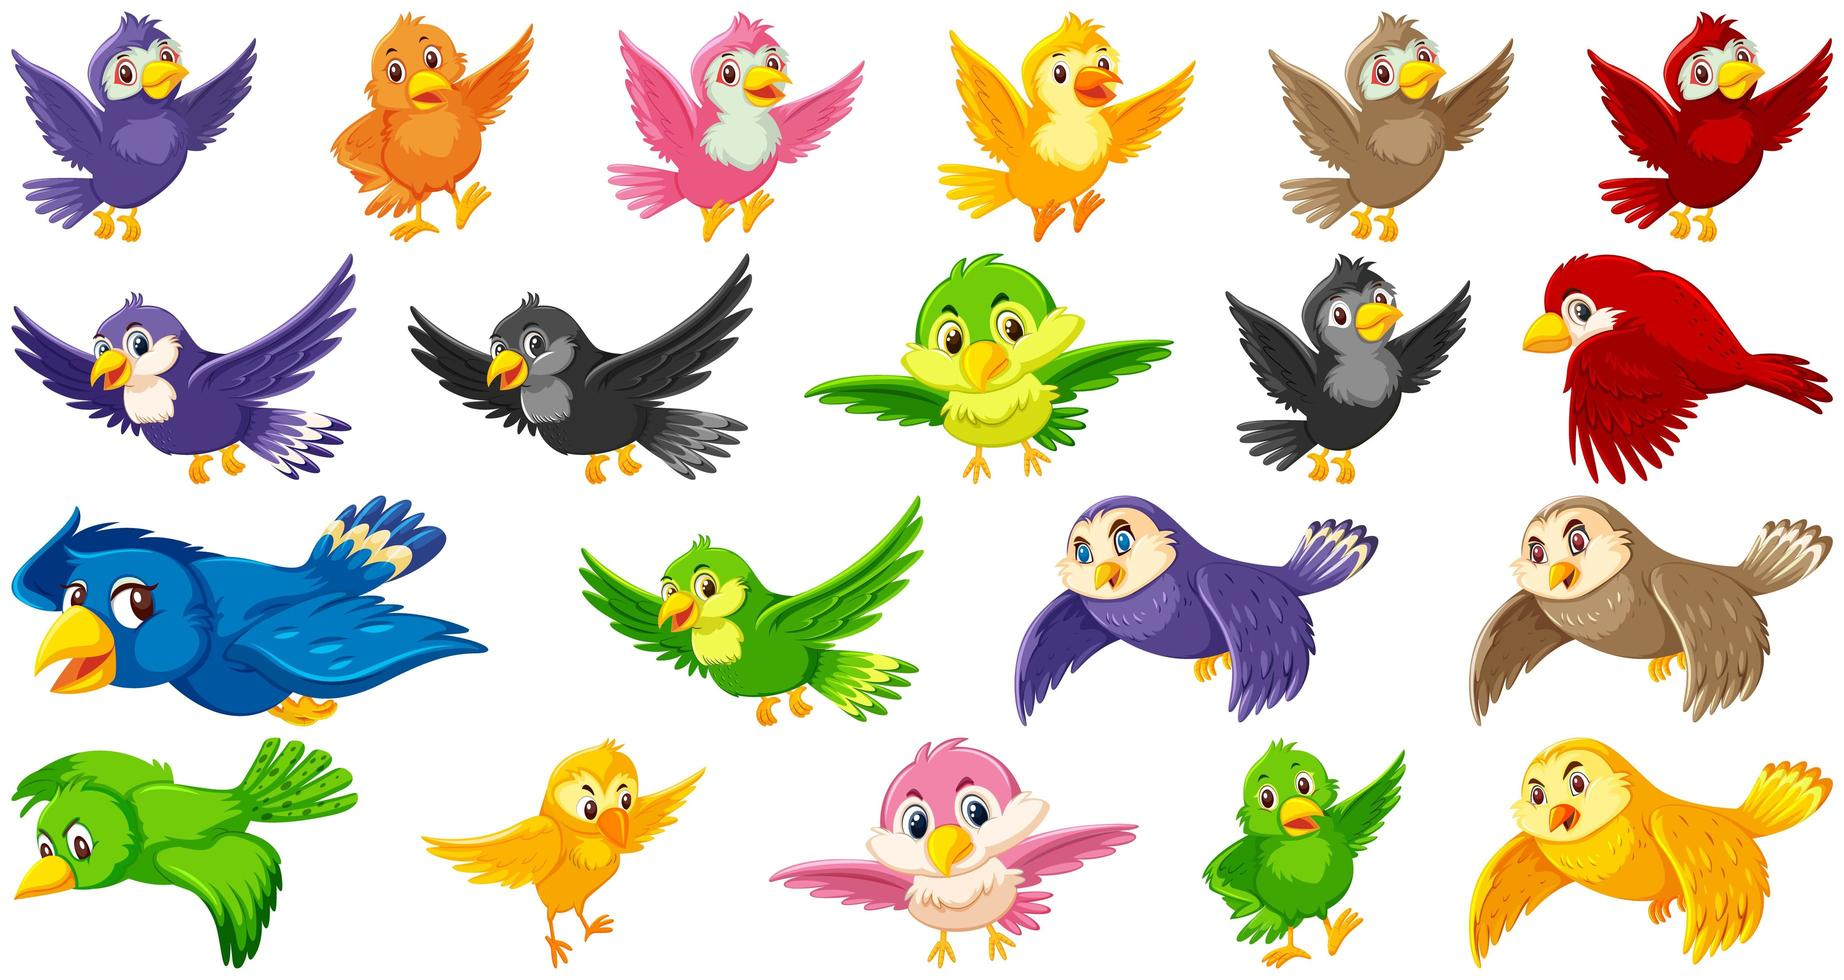 conjunto de personajes de dibujos animados de aves vector